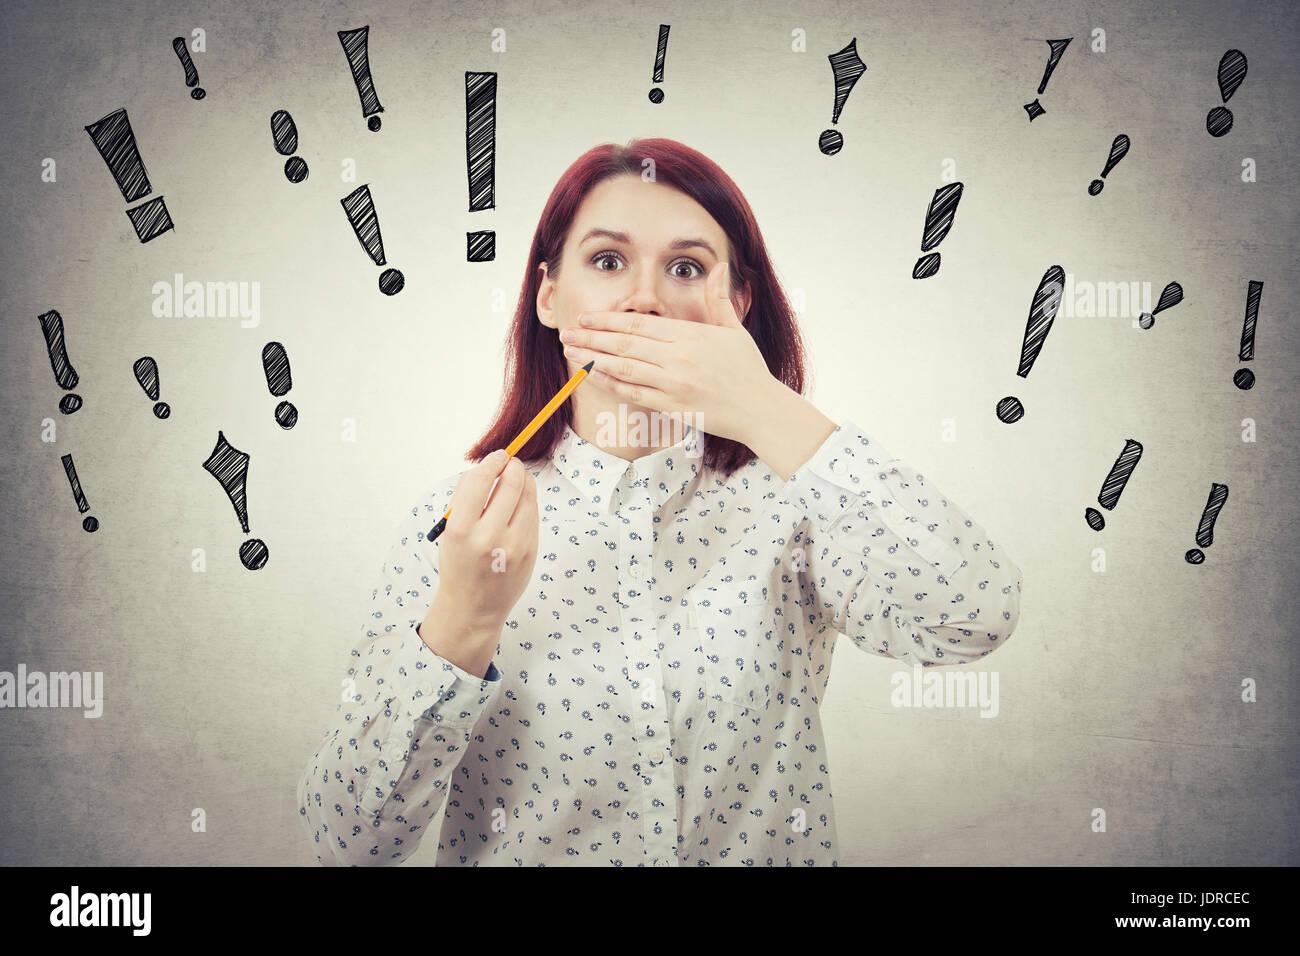 Conmocionado y tímida niña cubriendo la boca con la mano intentando ocultar la expresión facial, Imagen De Stock